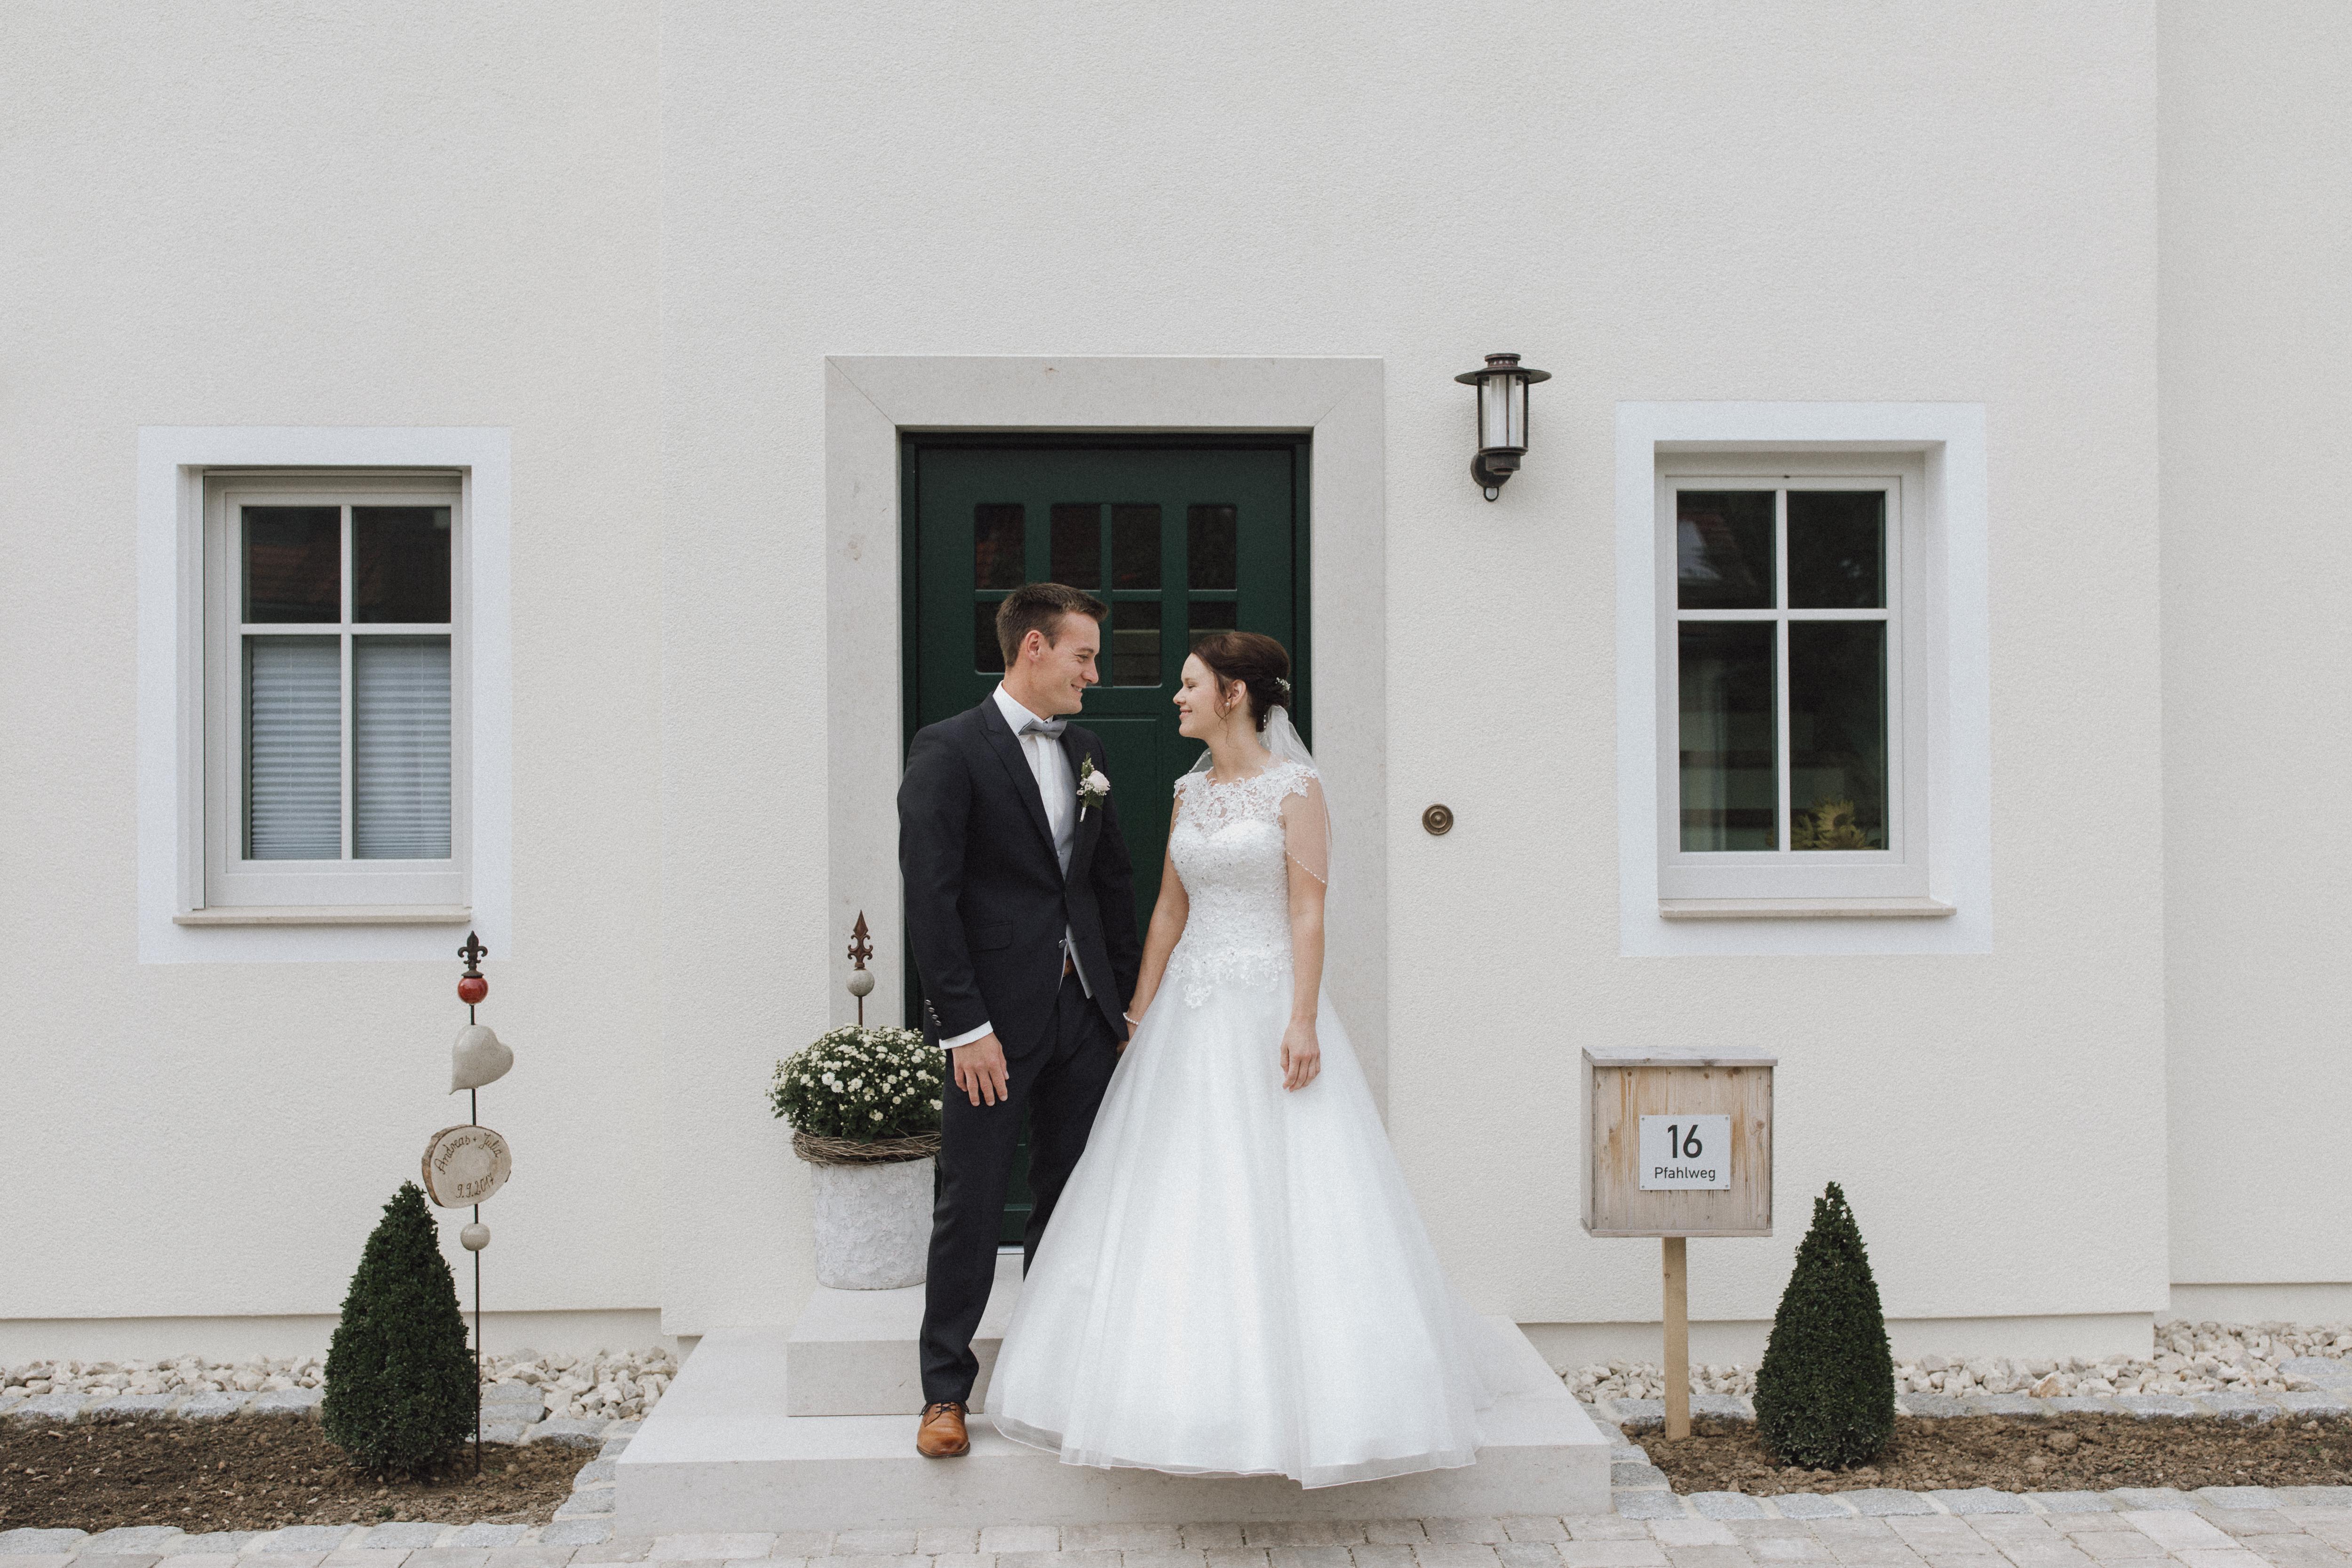 URBANERIE_Daniela_Goth_Hochzeitsfotografin_Nürnberg_Fürth_Erlangen_Schwabach_170909_0008